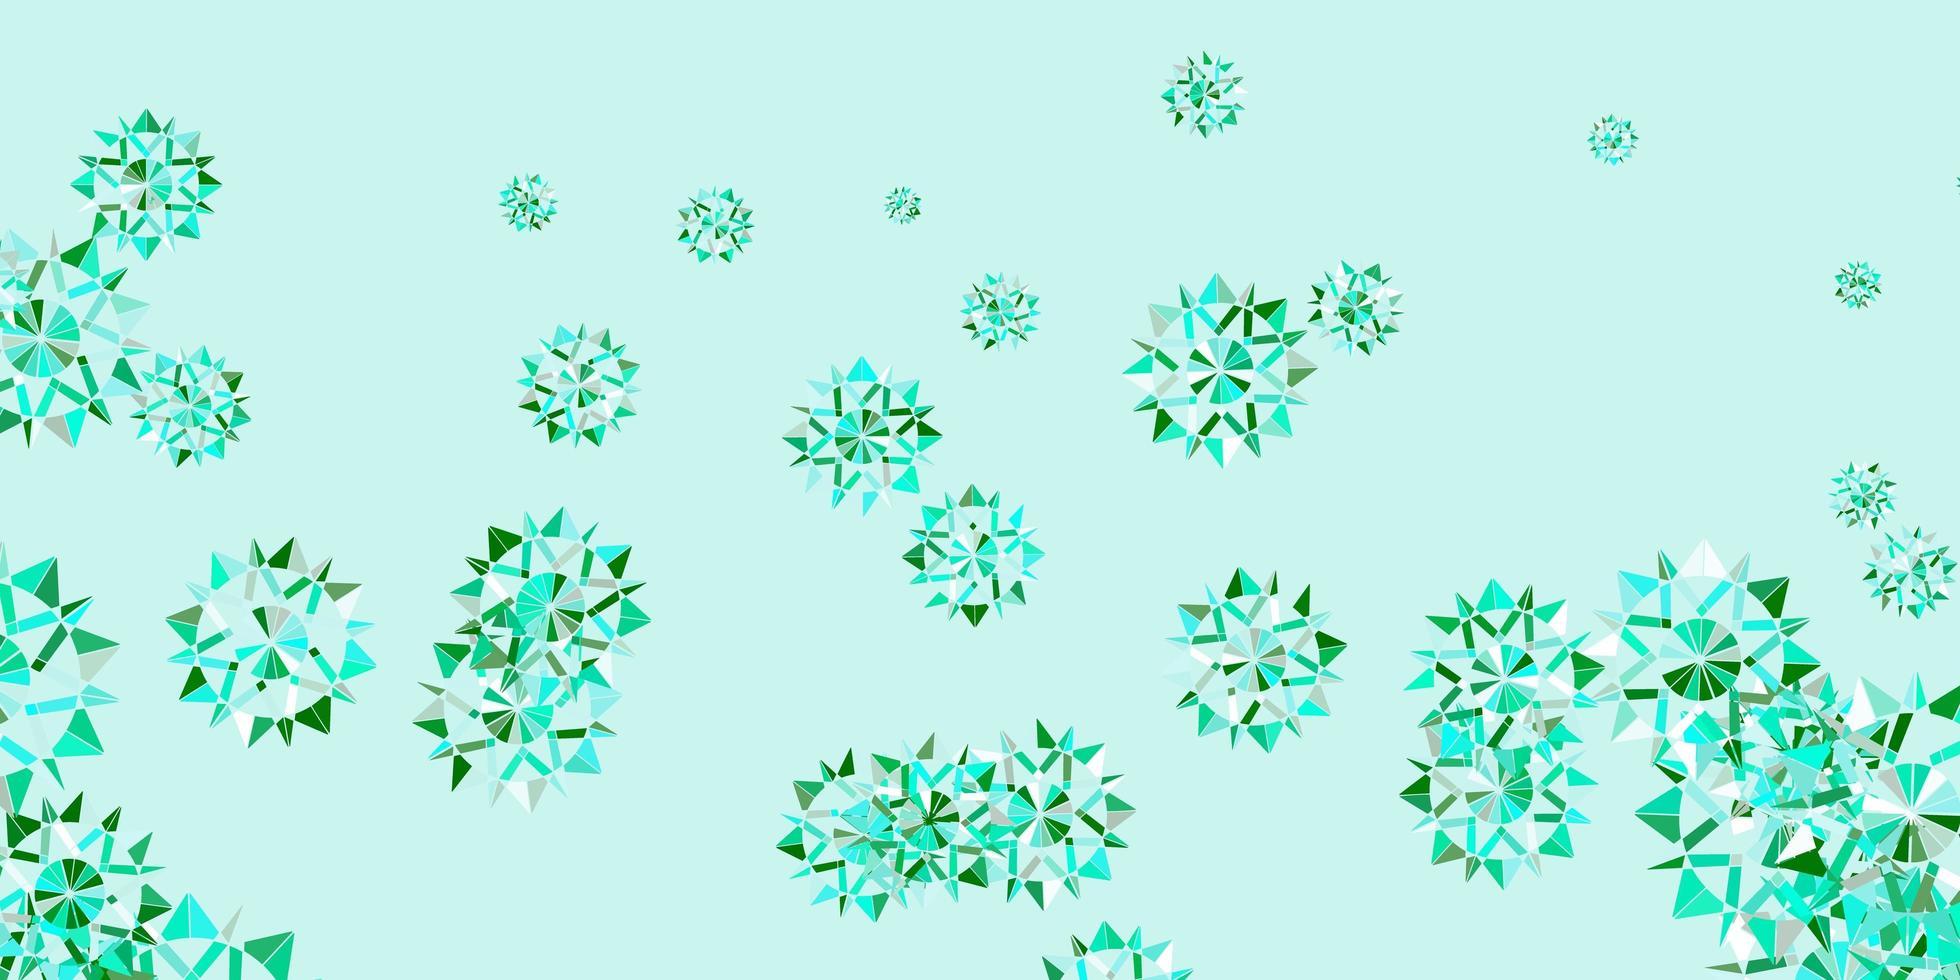 lichtgroen vectorpatroon met gekleurde sneeuwvlokken. vector